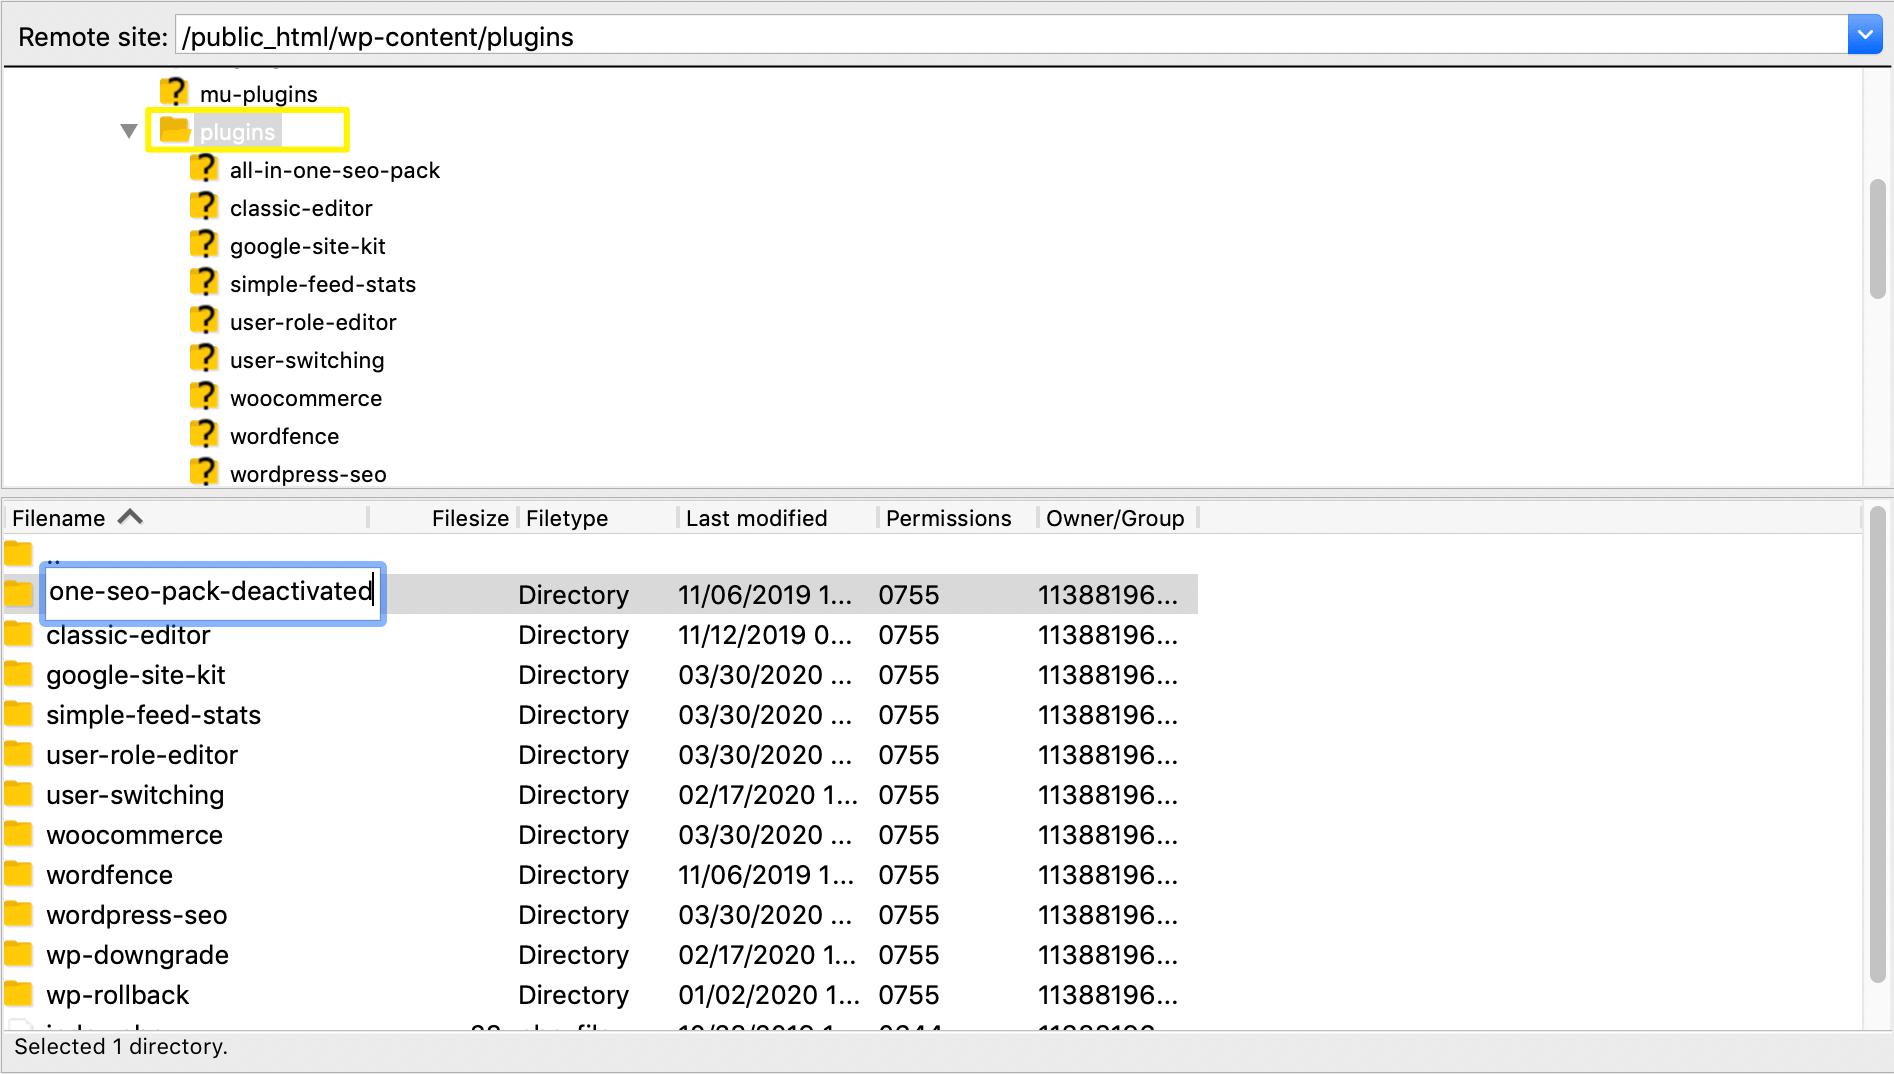 重命名插件文件夹名称